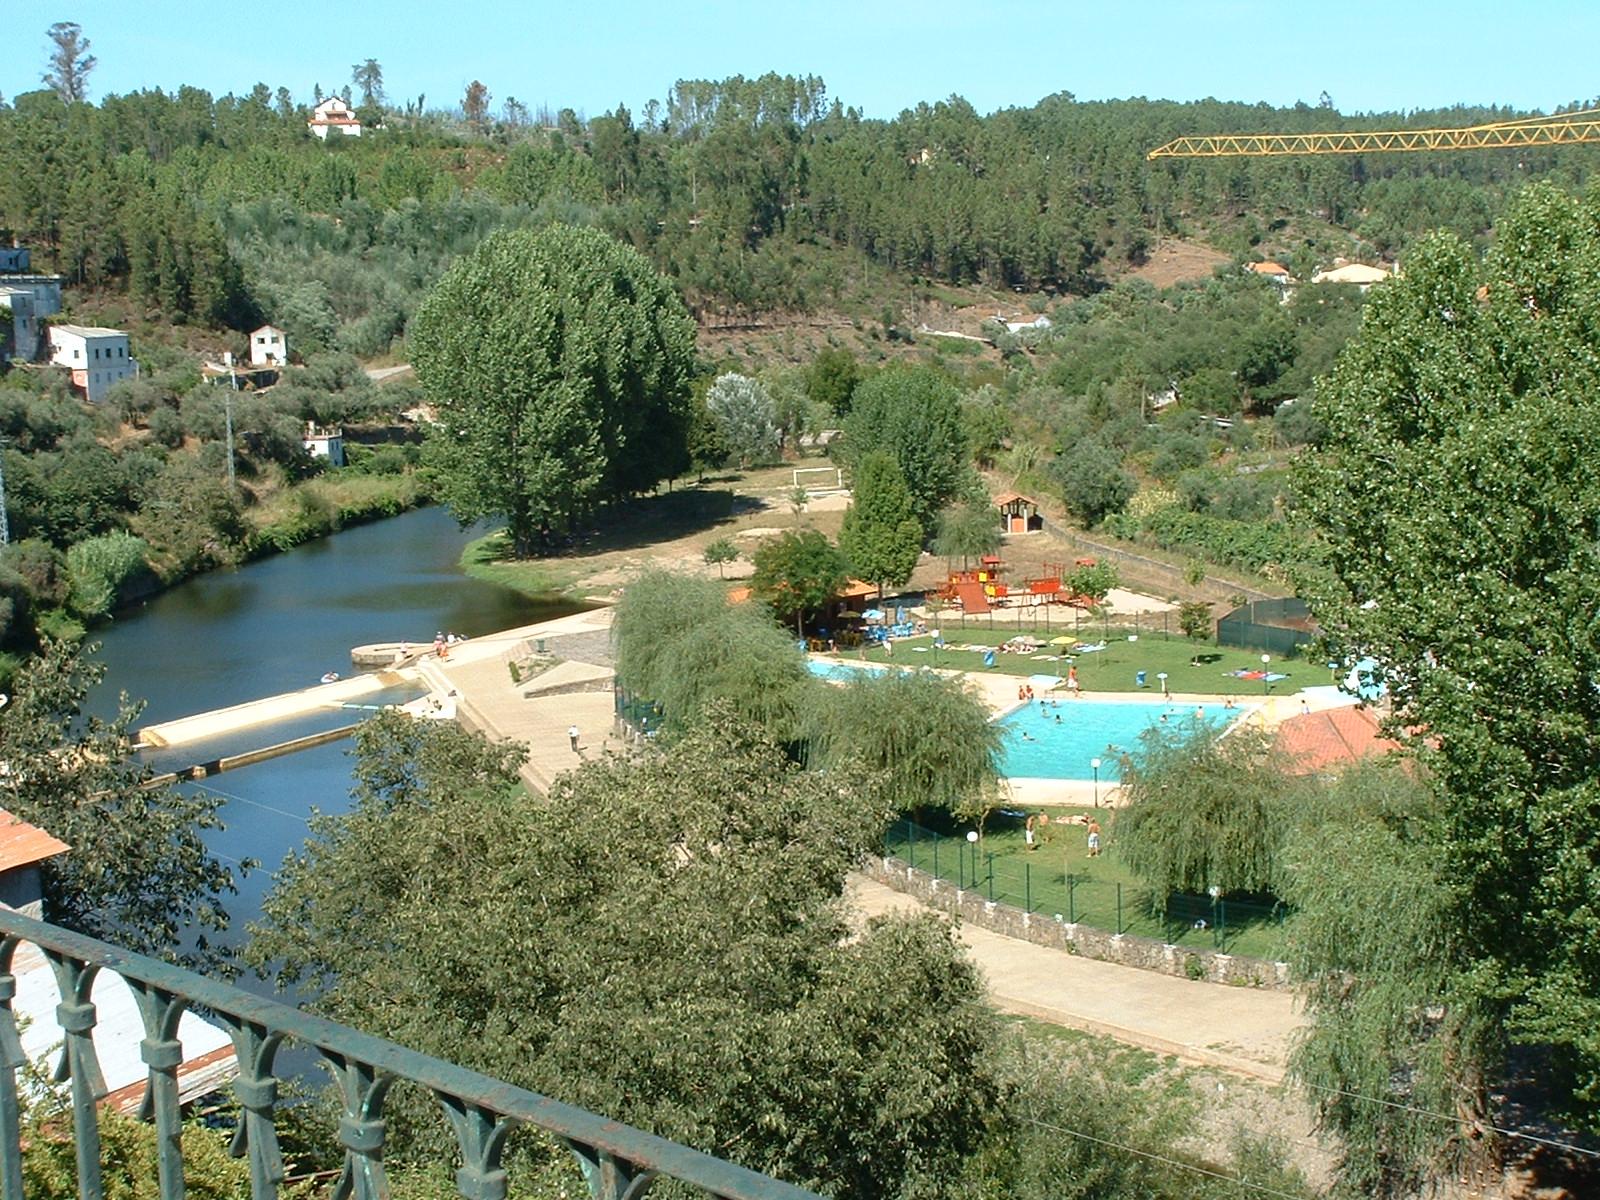 Sert vila da beira interior portugal for Hoteis zona centro com piscina interior